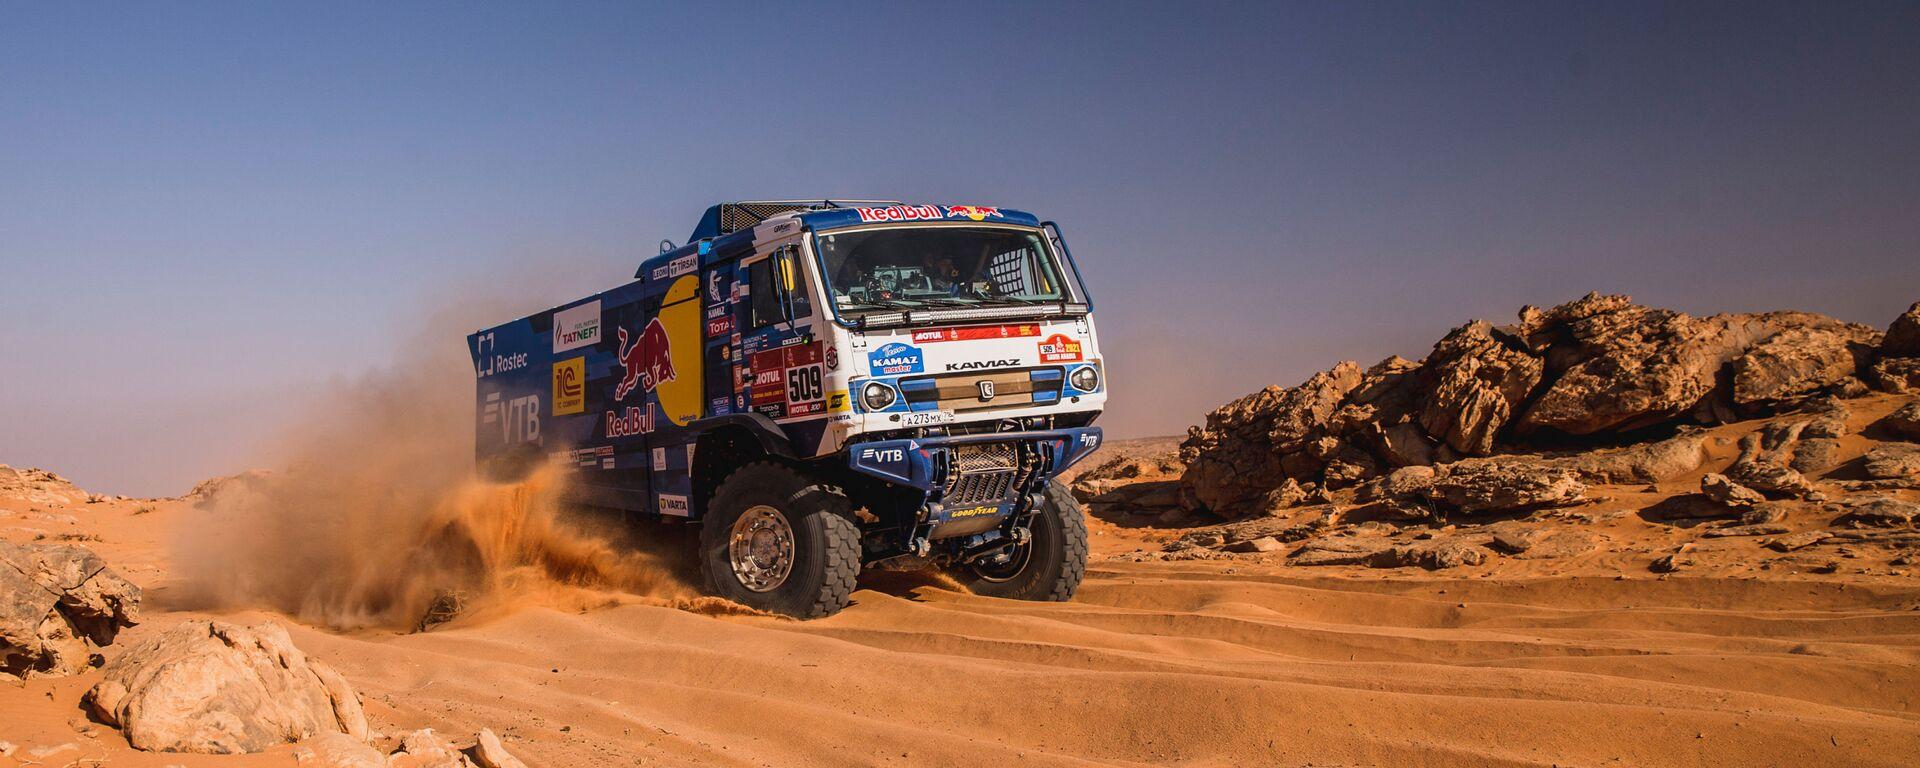 Un camión KAMAZ del equipo ruso KAMAZ-master durante el rally Dakar 2021 - Sputnik Mundo, 1920, 16.01.2021